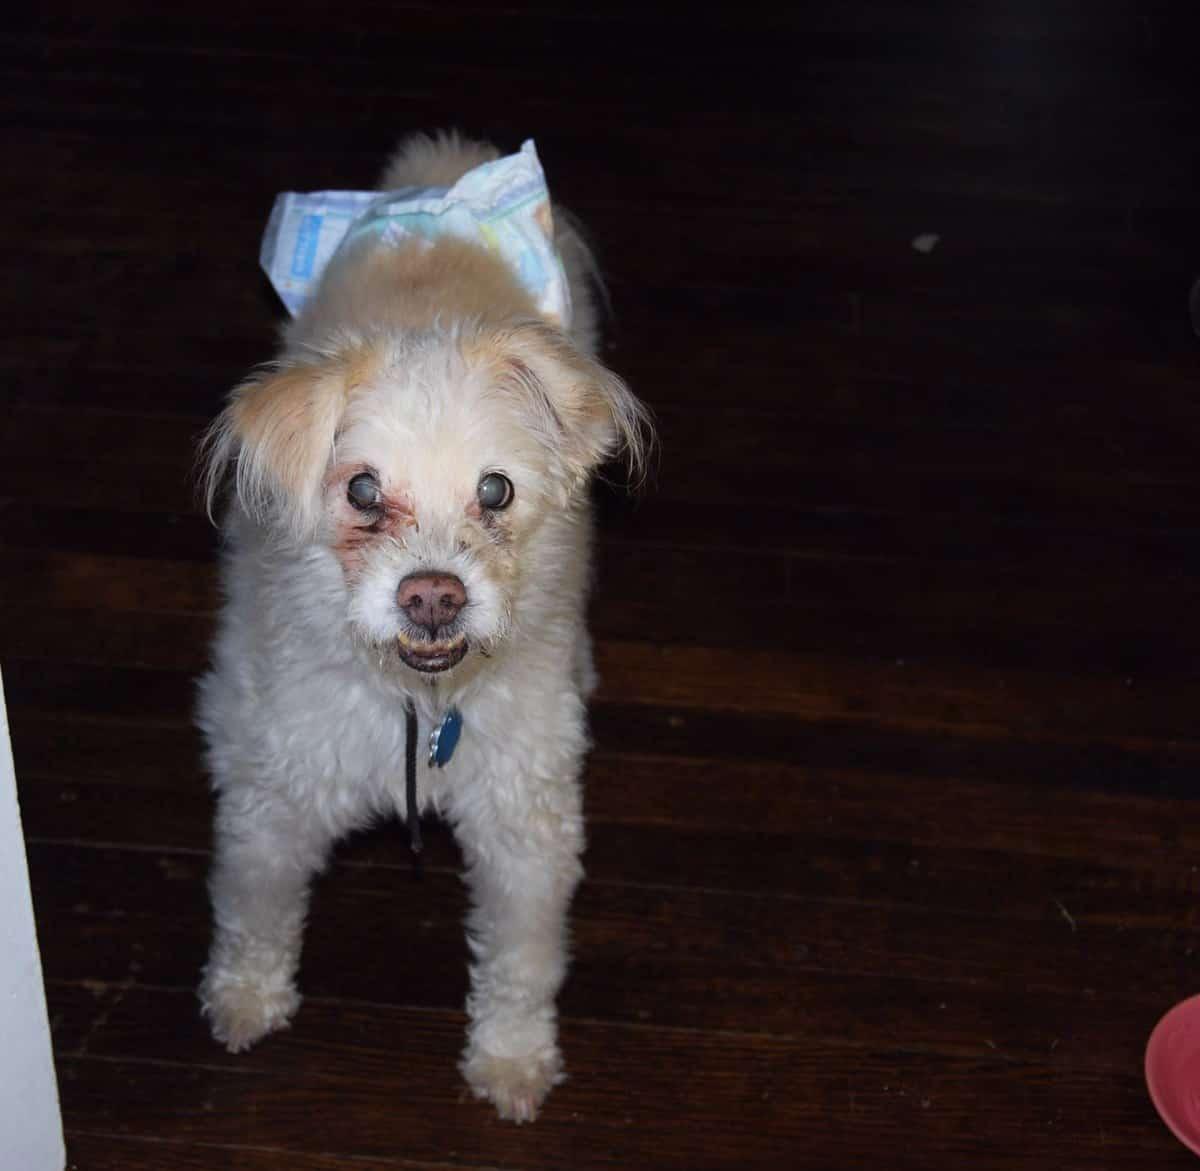 My dog Freddie